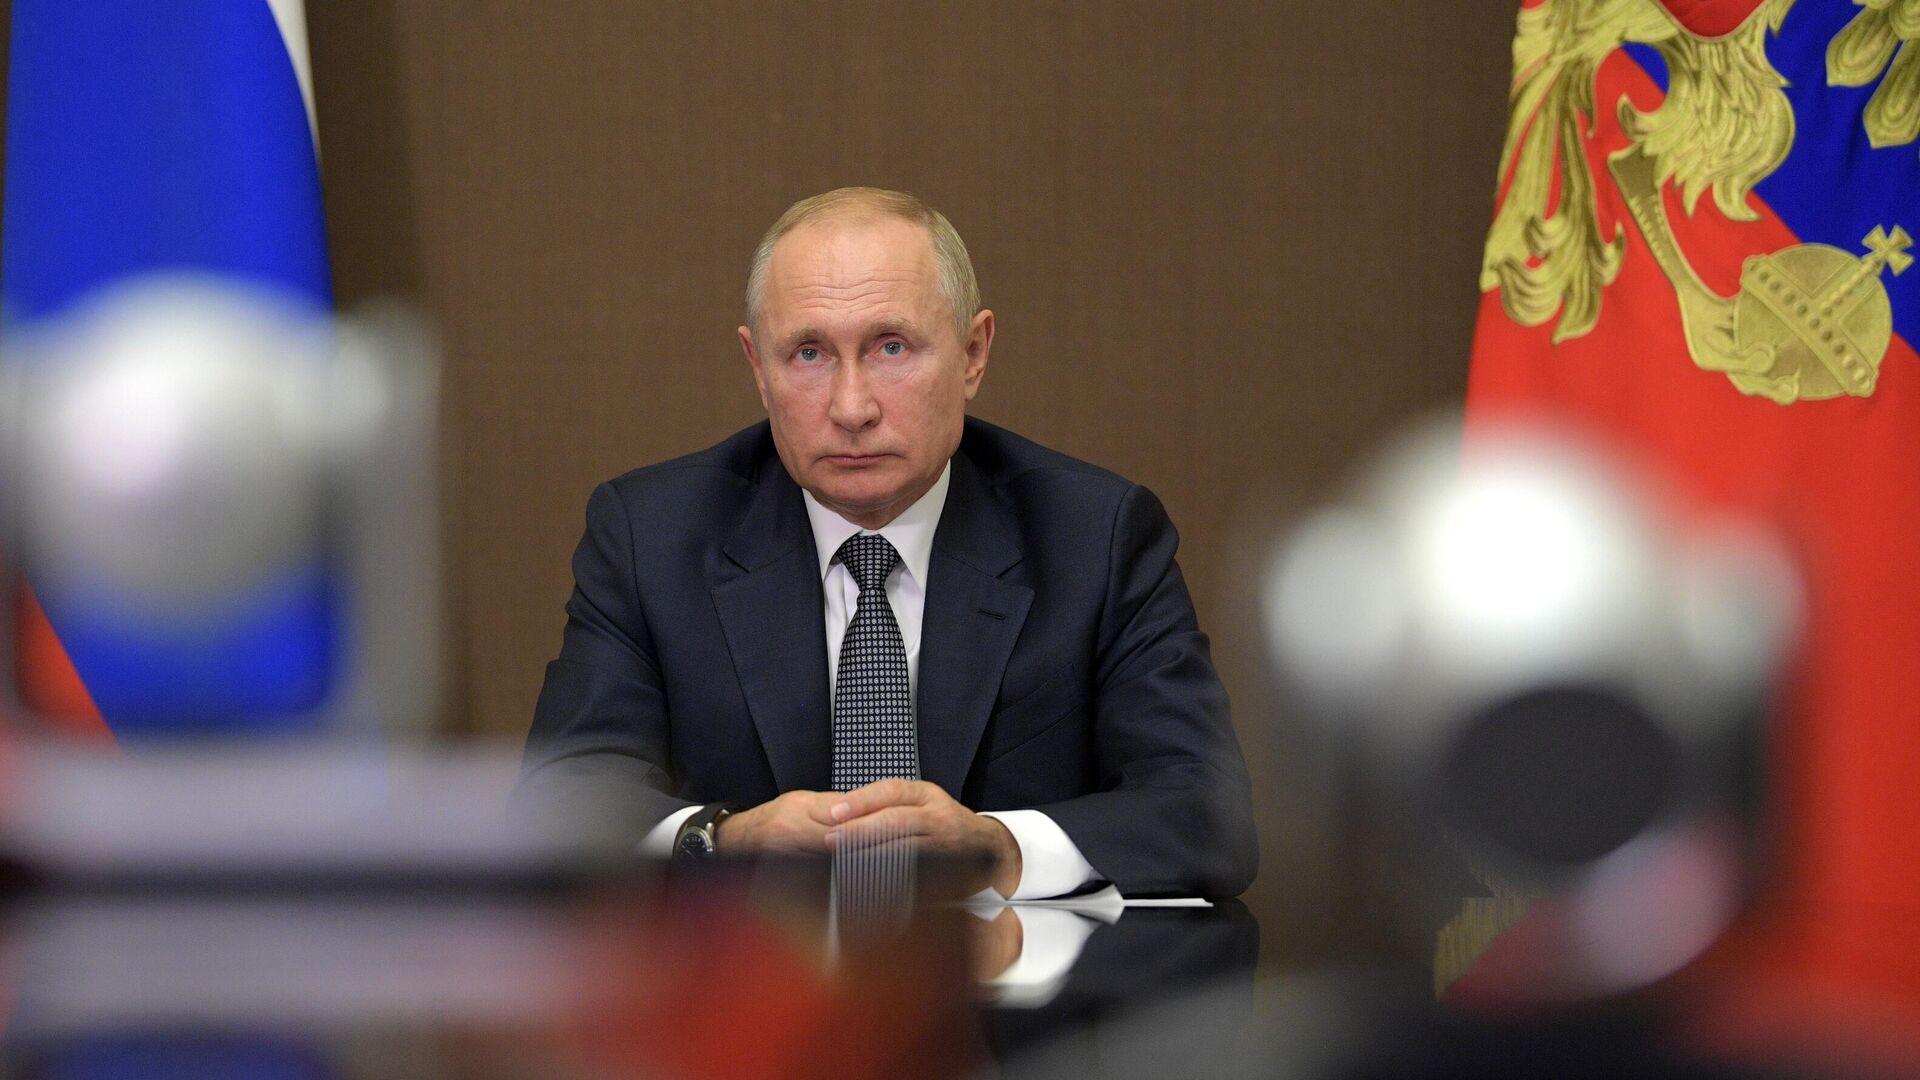 1577898167 0:255:3164:2035 1920x0 80 0 0 9e43229feae0166321c82ecb6afab66d - Путин призвал тактично и терпеливо объяснять реалии ситуации с COVID-19